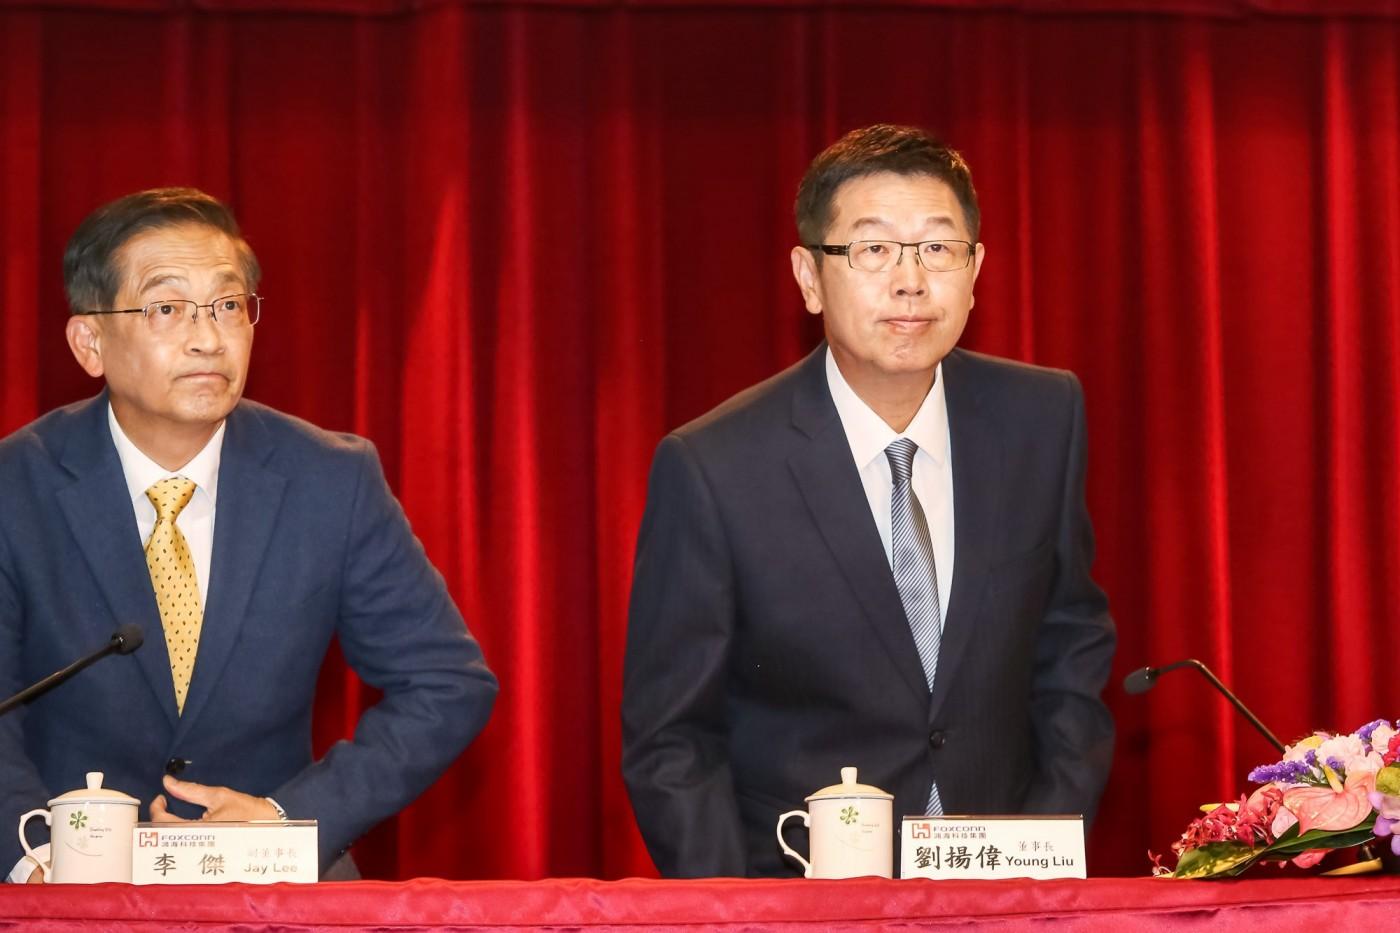 劉揚偉新布局!鴻海與凌華合資機器人公司,拍板關鍵在5年前的一場併購